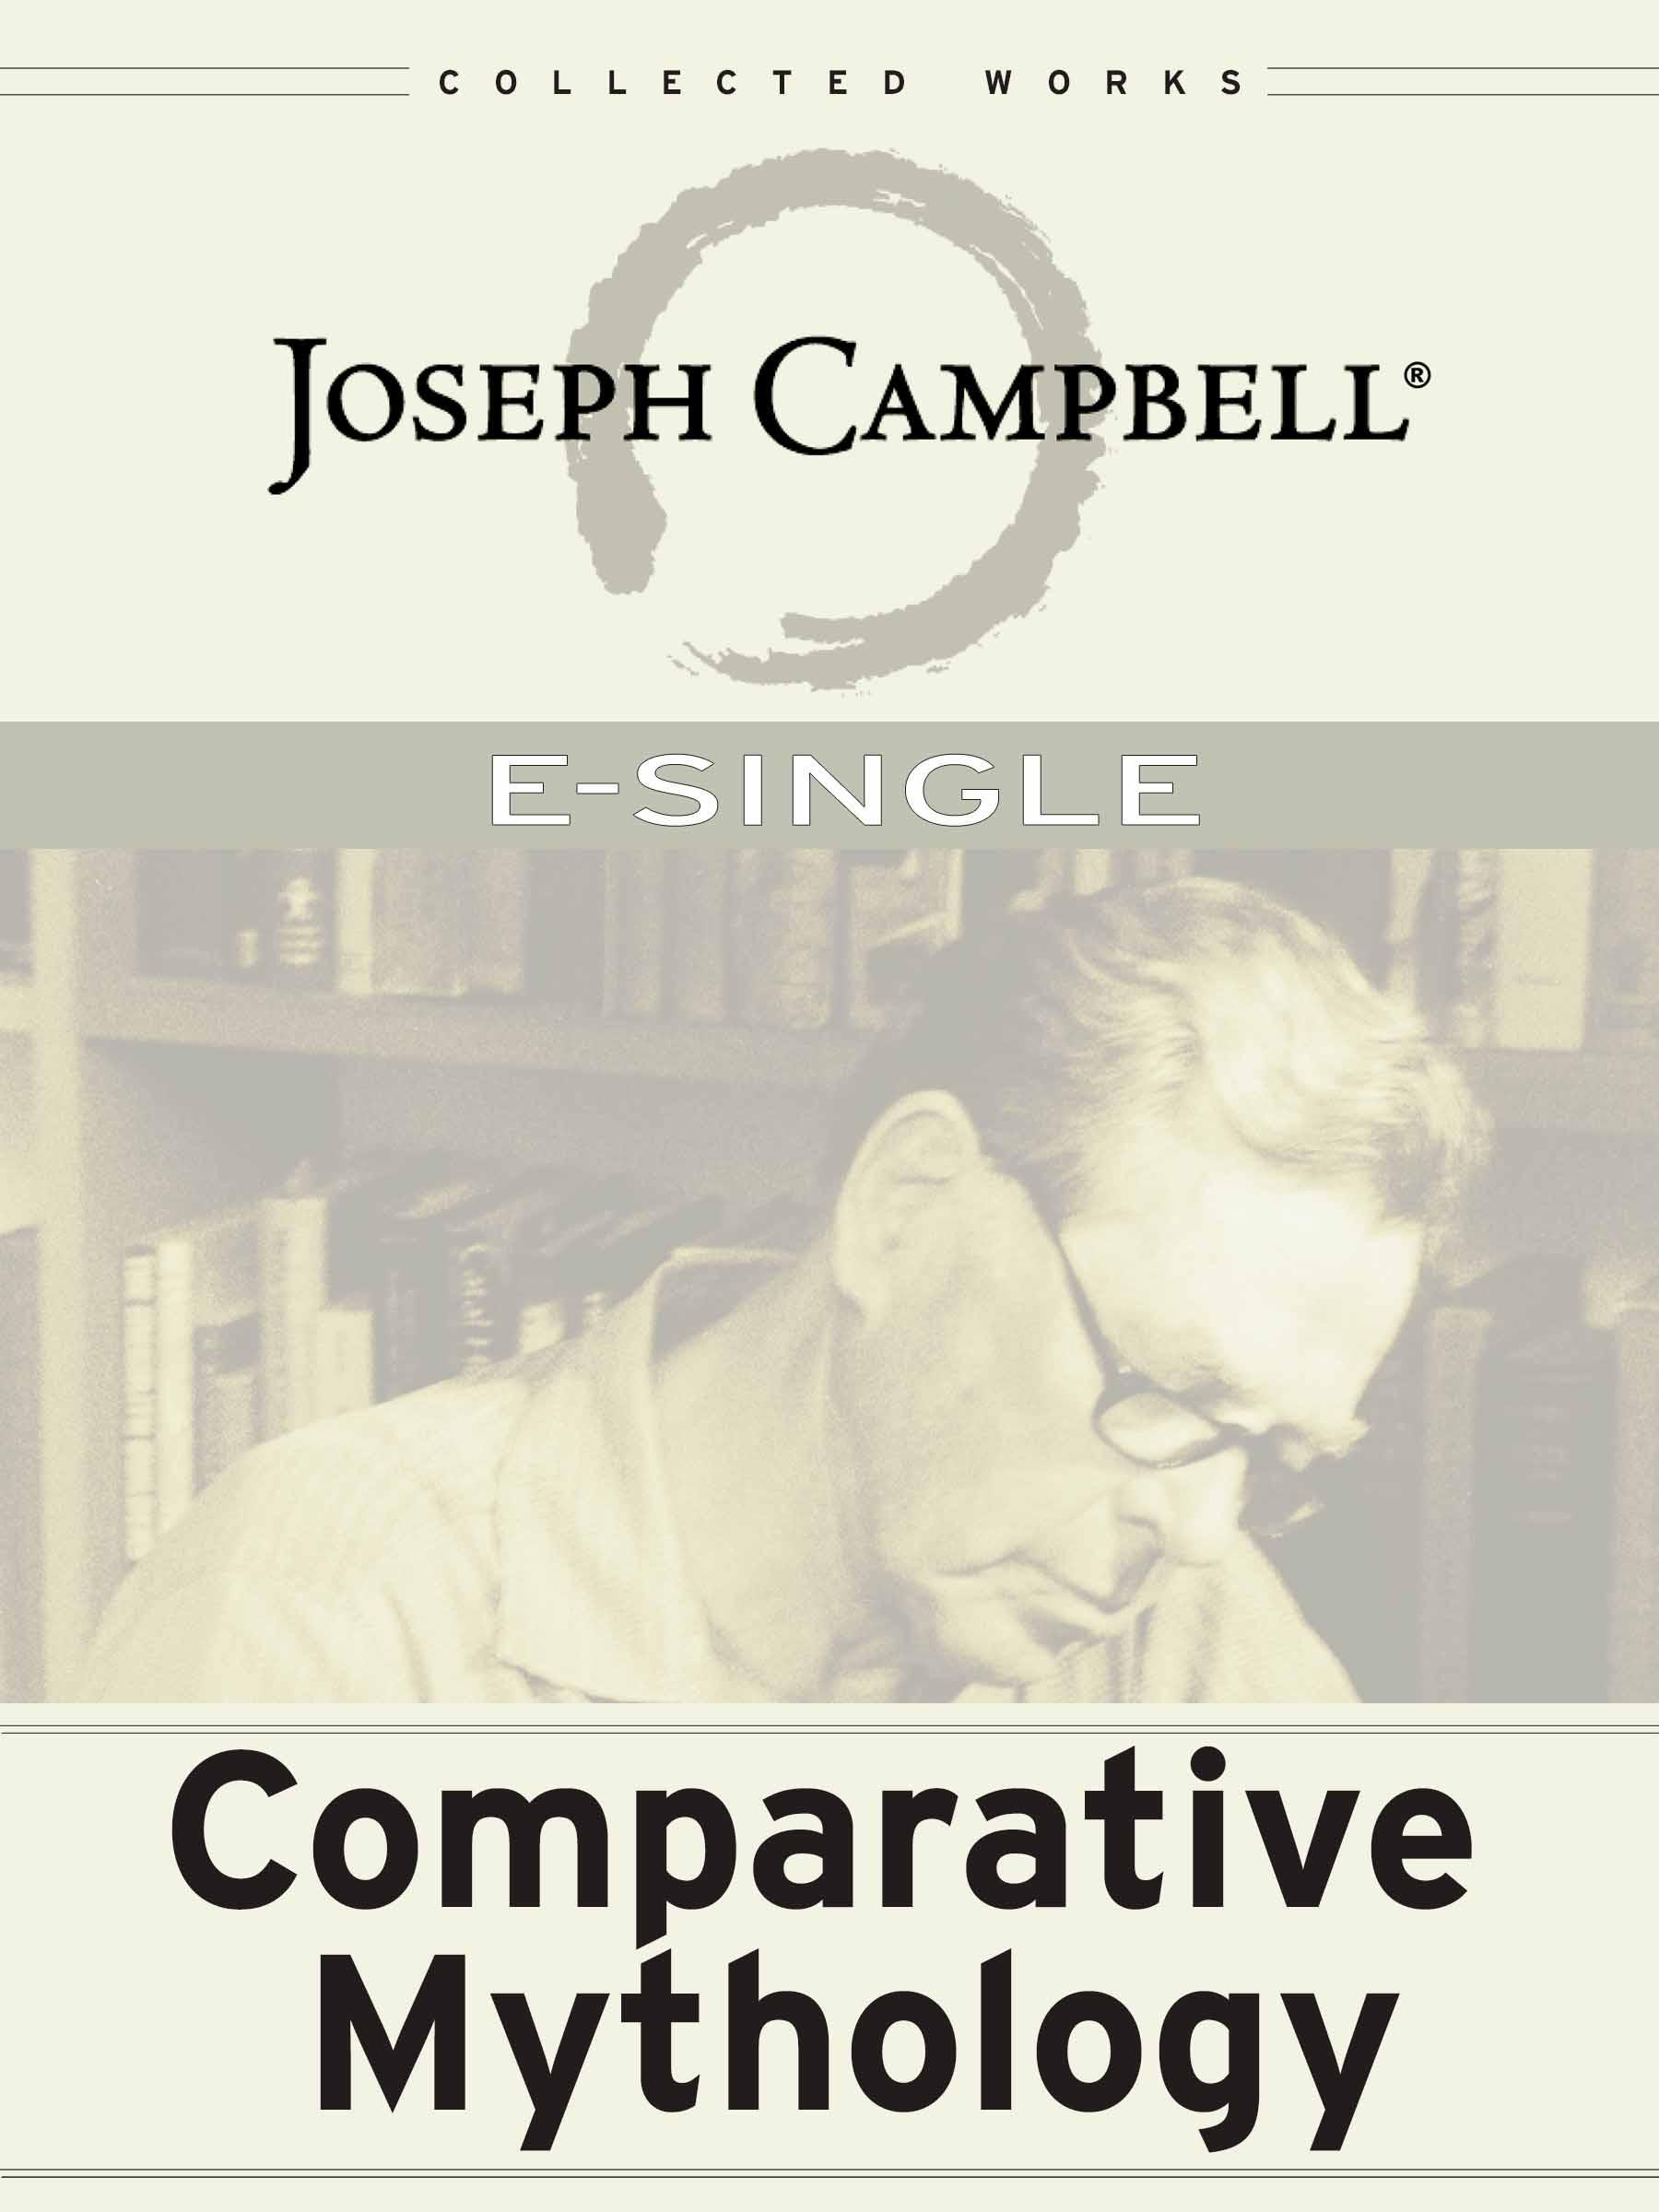 Comparative Mythology (Esingle)